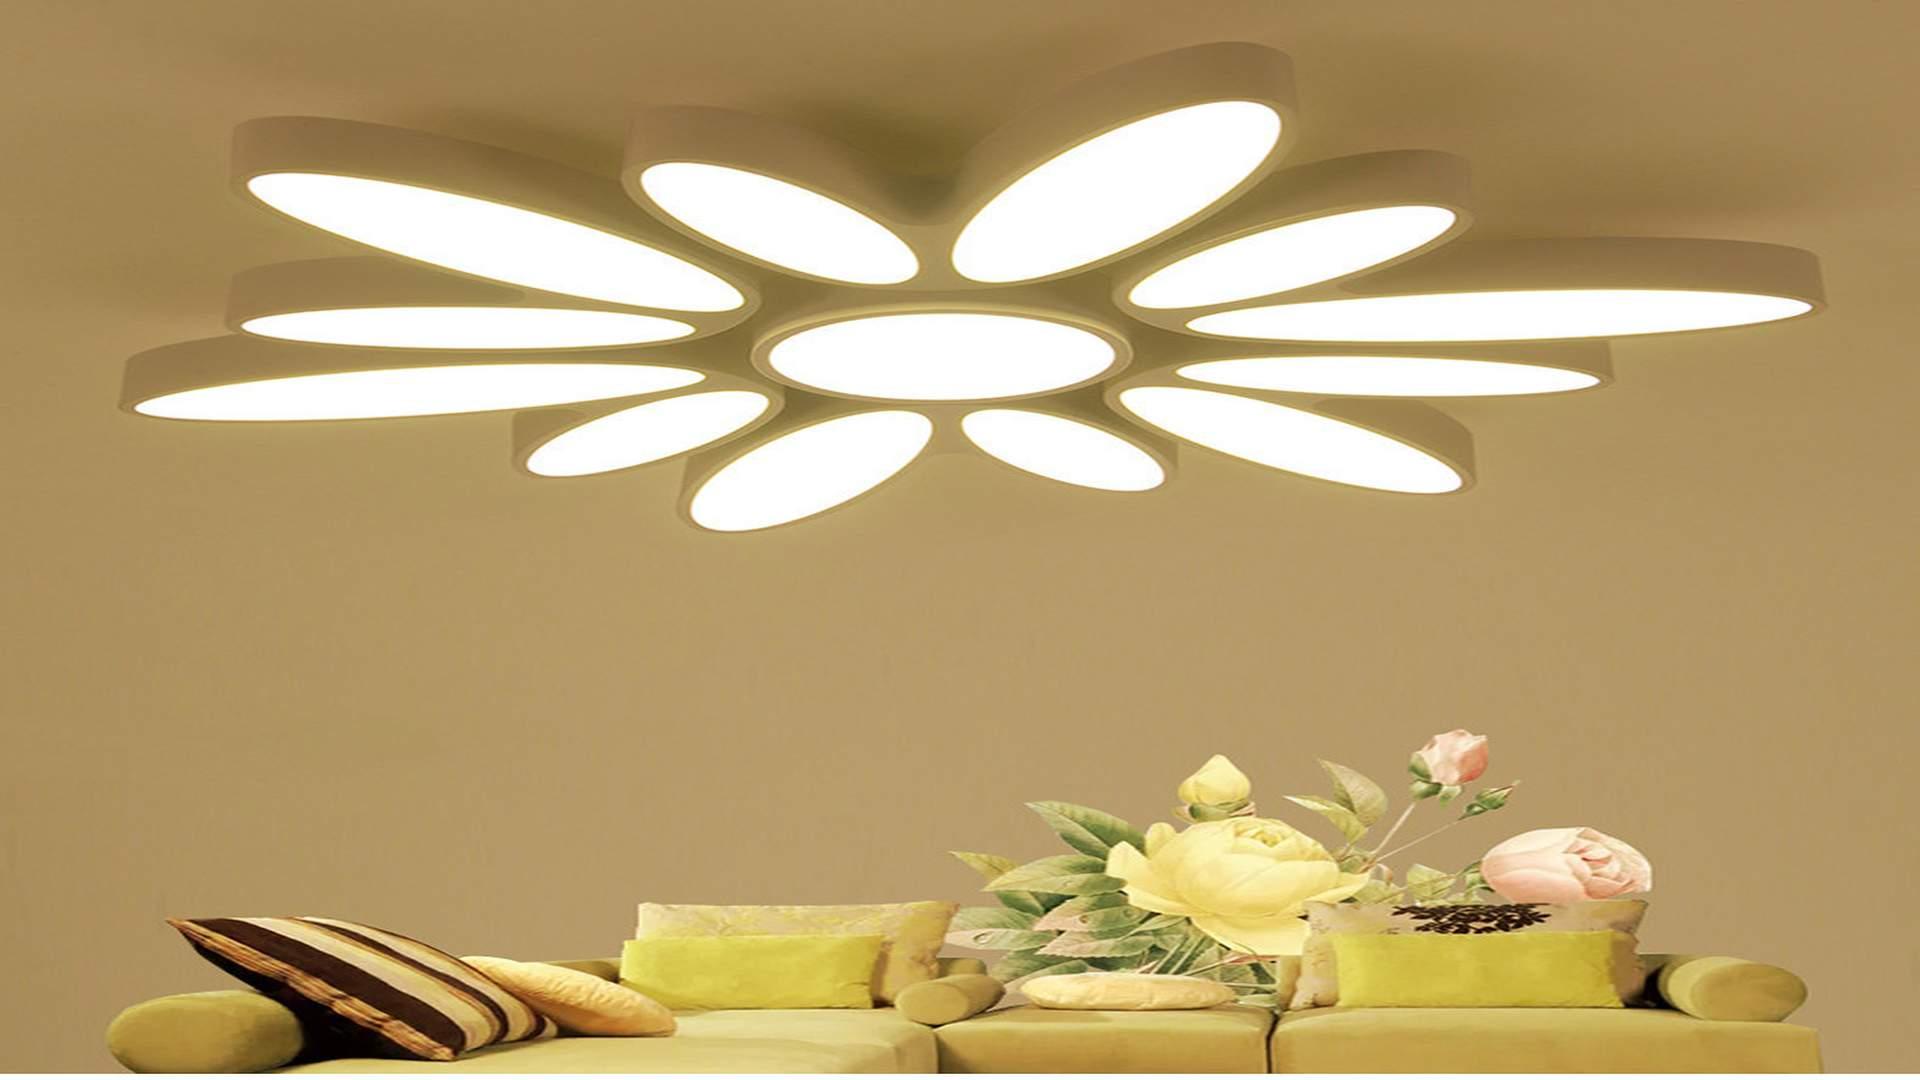 đèn trang trí trần nhà cho phòng đẹp hơn